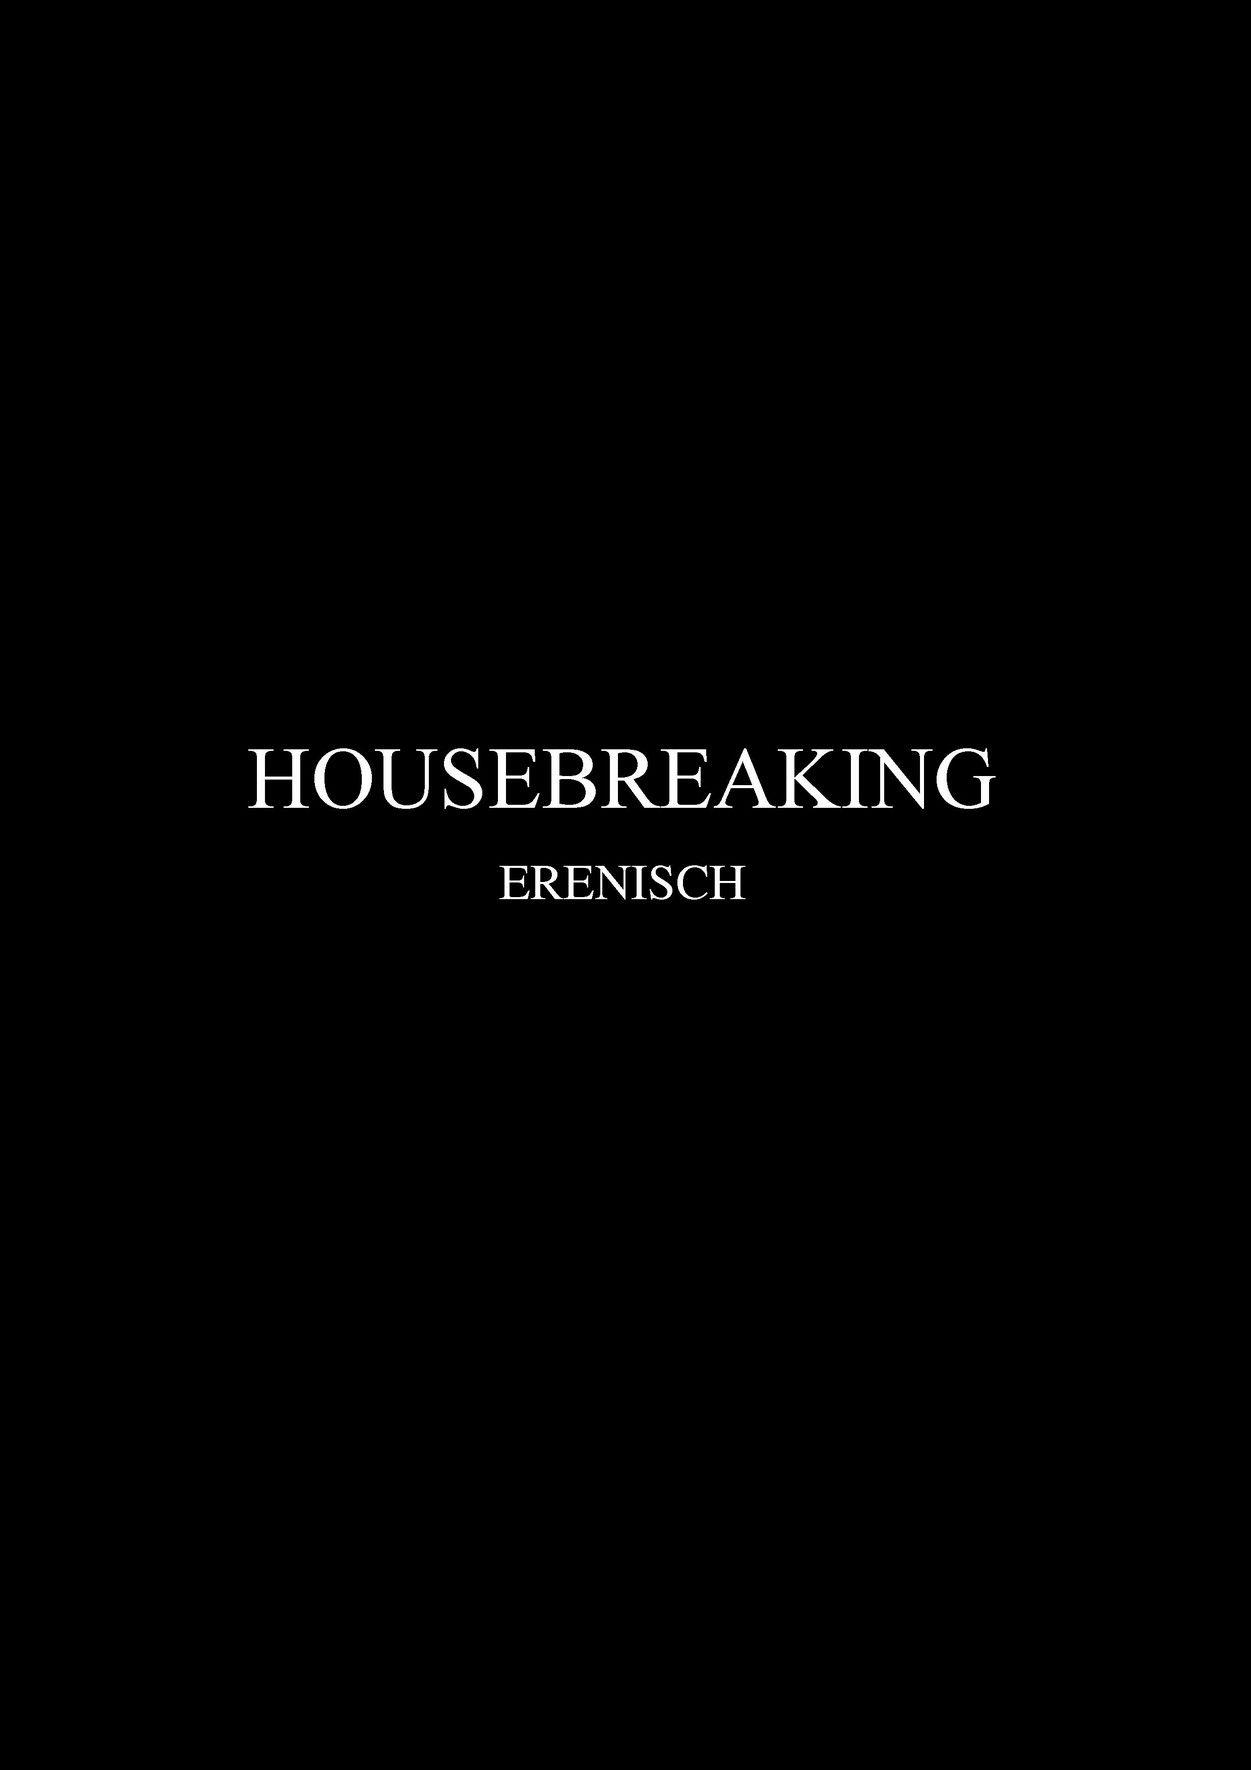 Erenisch- Housebreaking